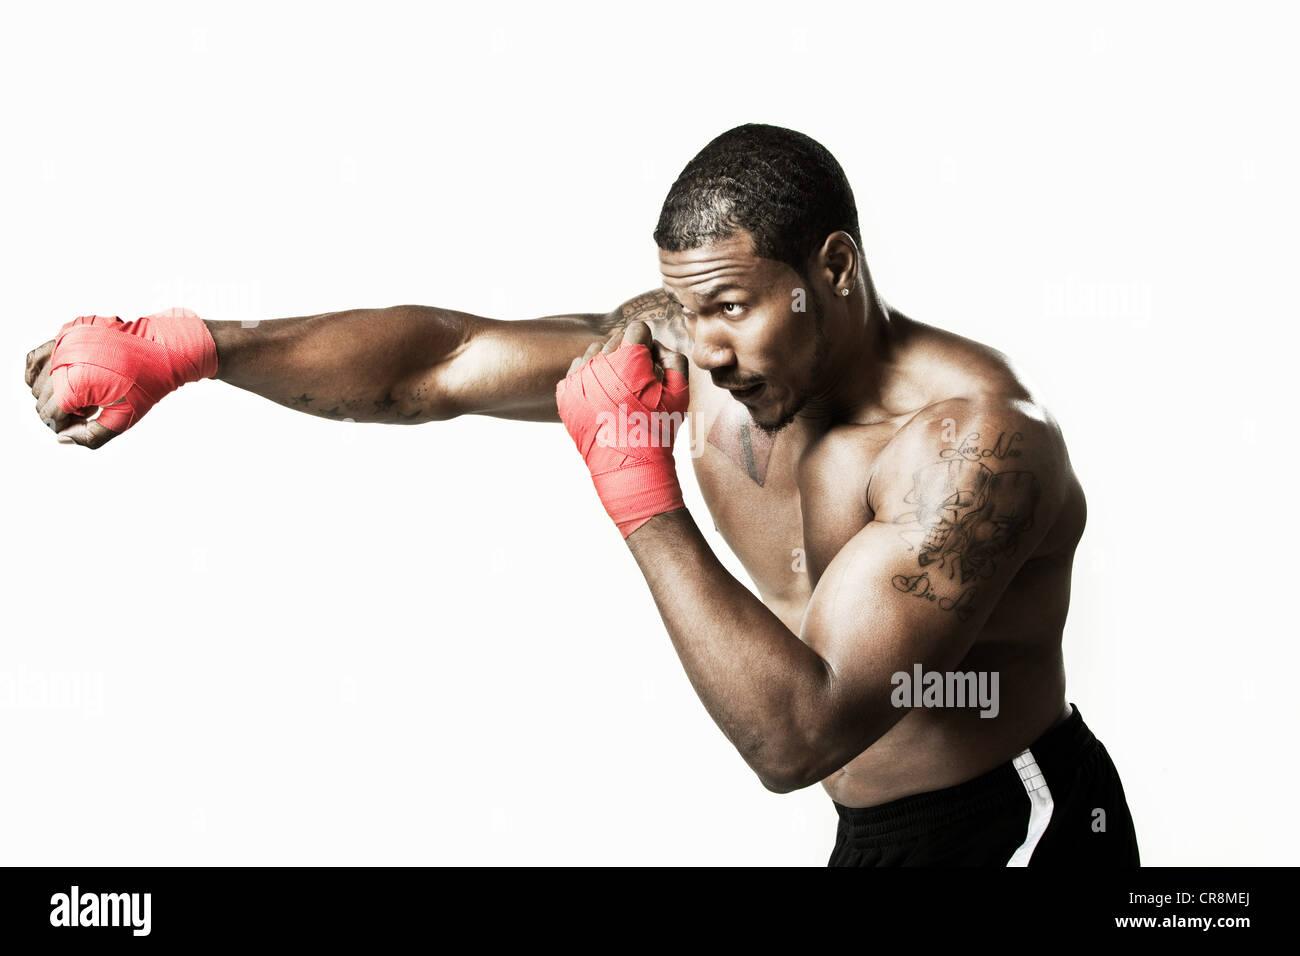 Boxer punching - Stock Image